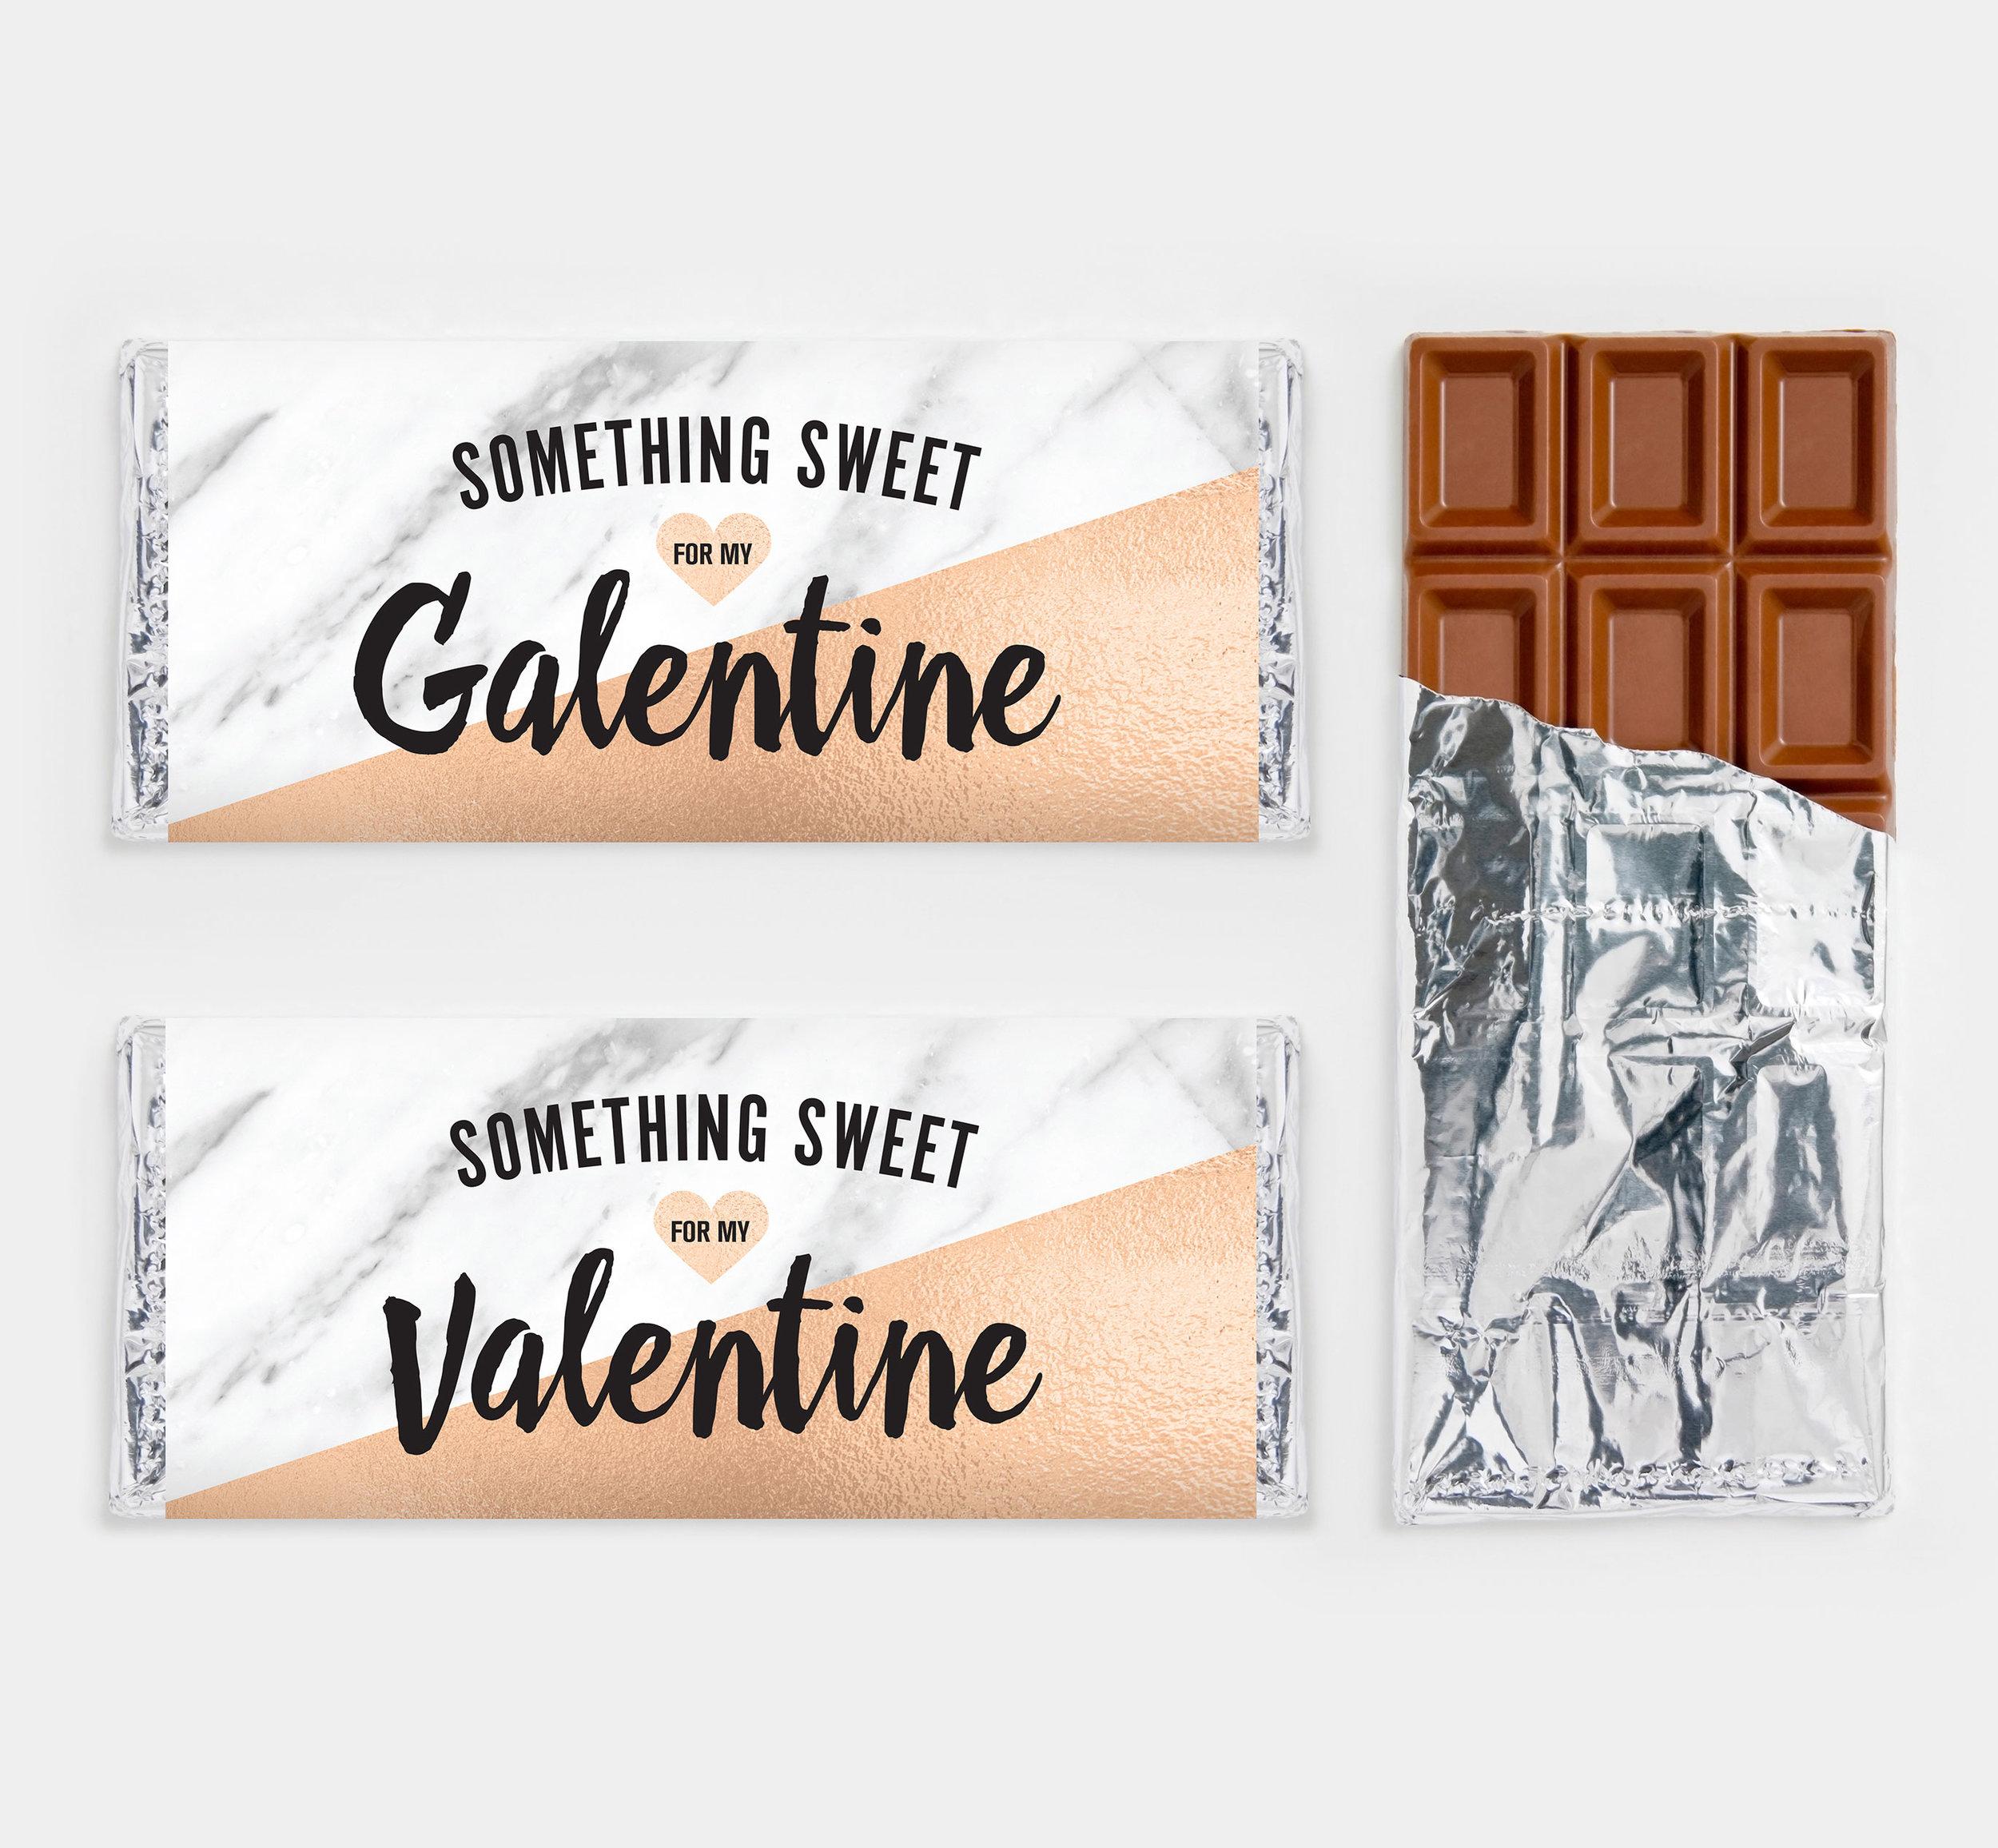 Valentine & Galentine Candy Wraps